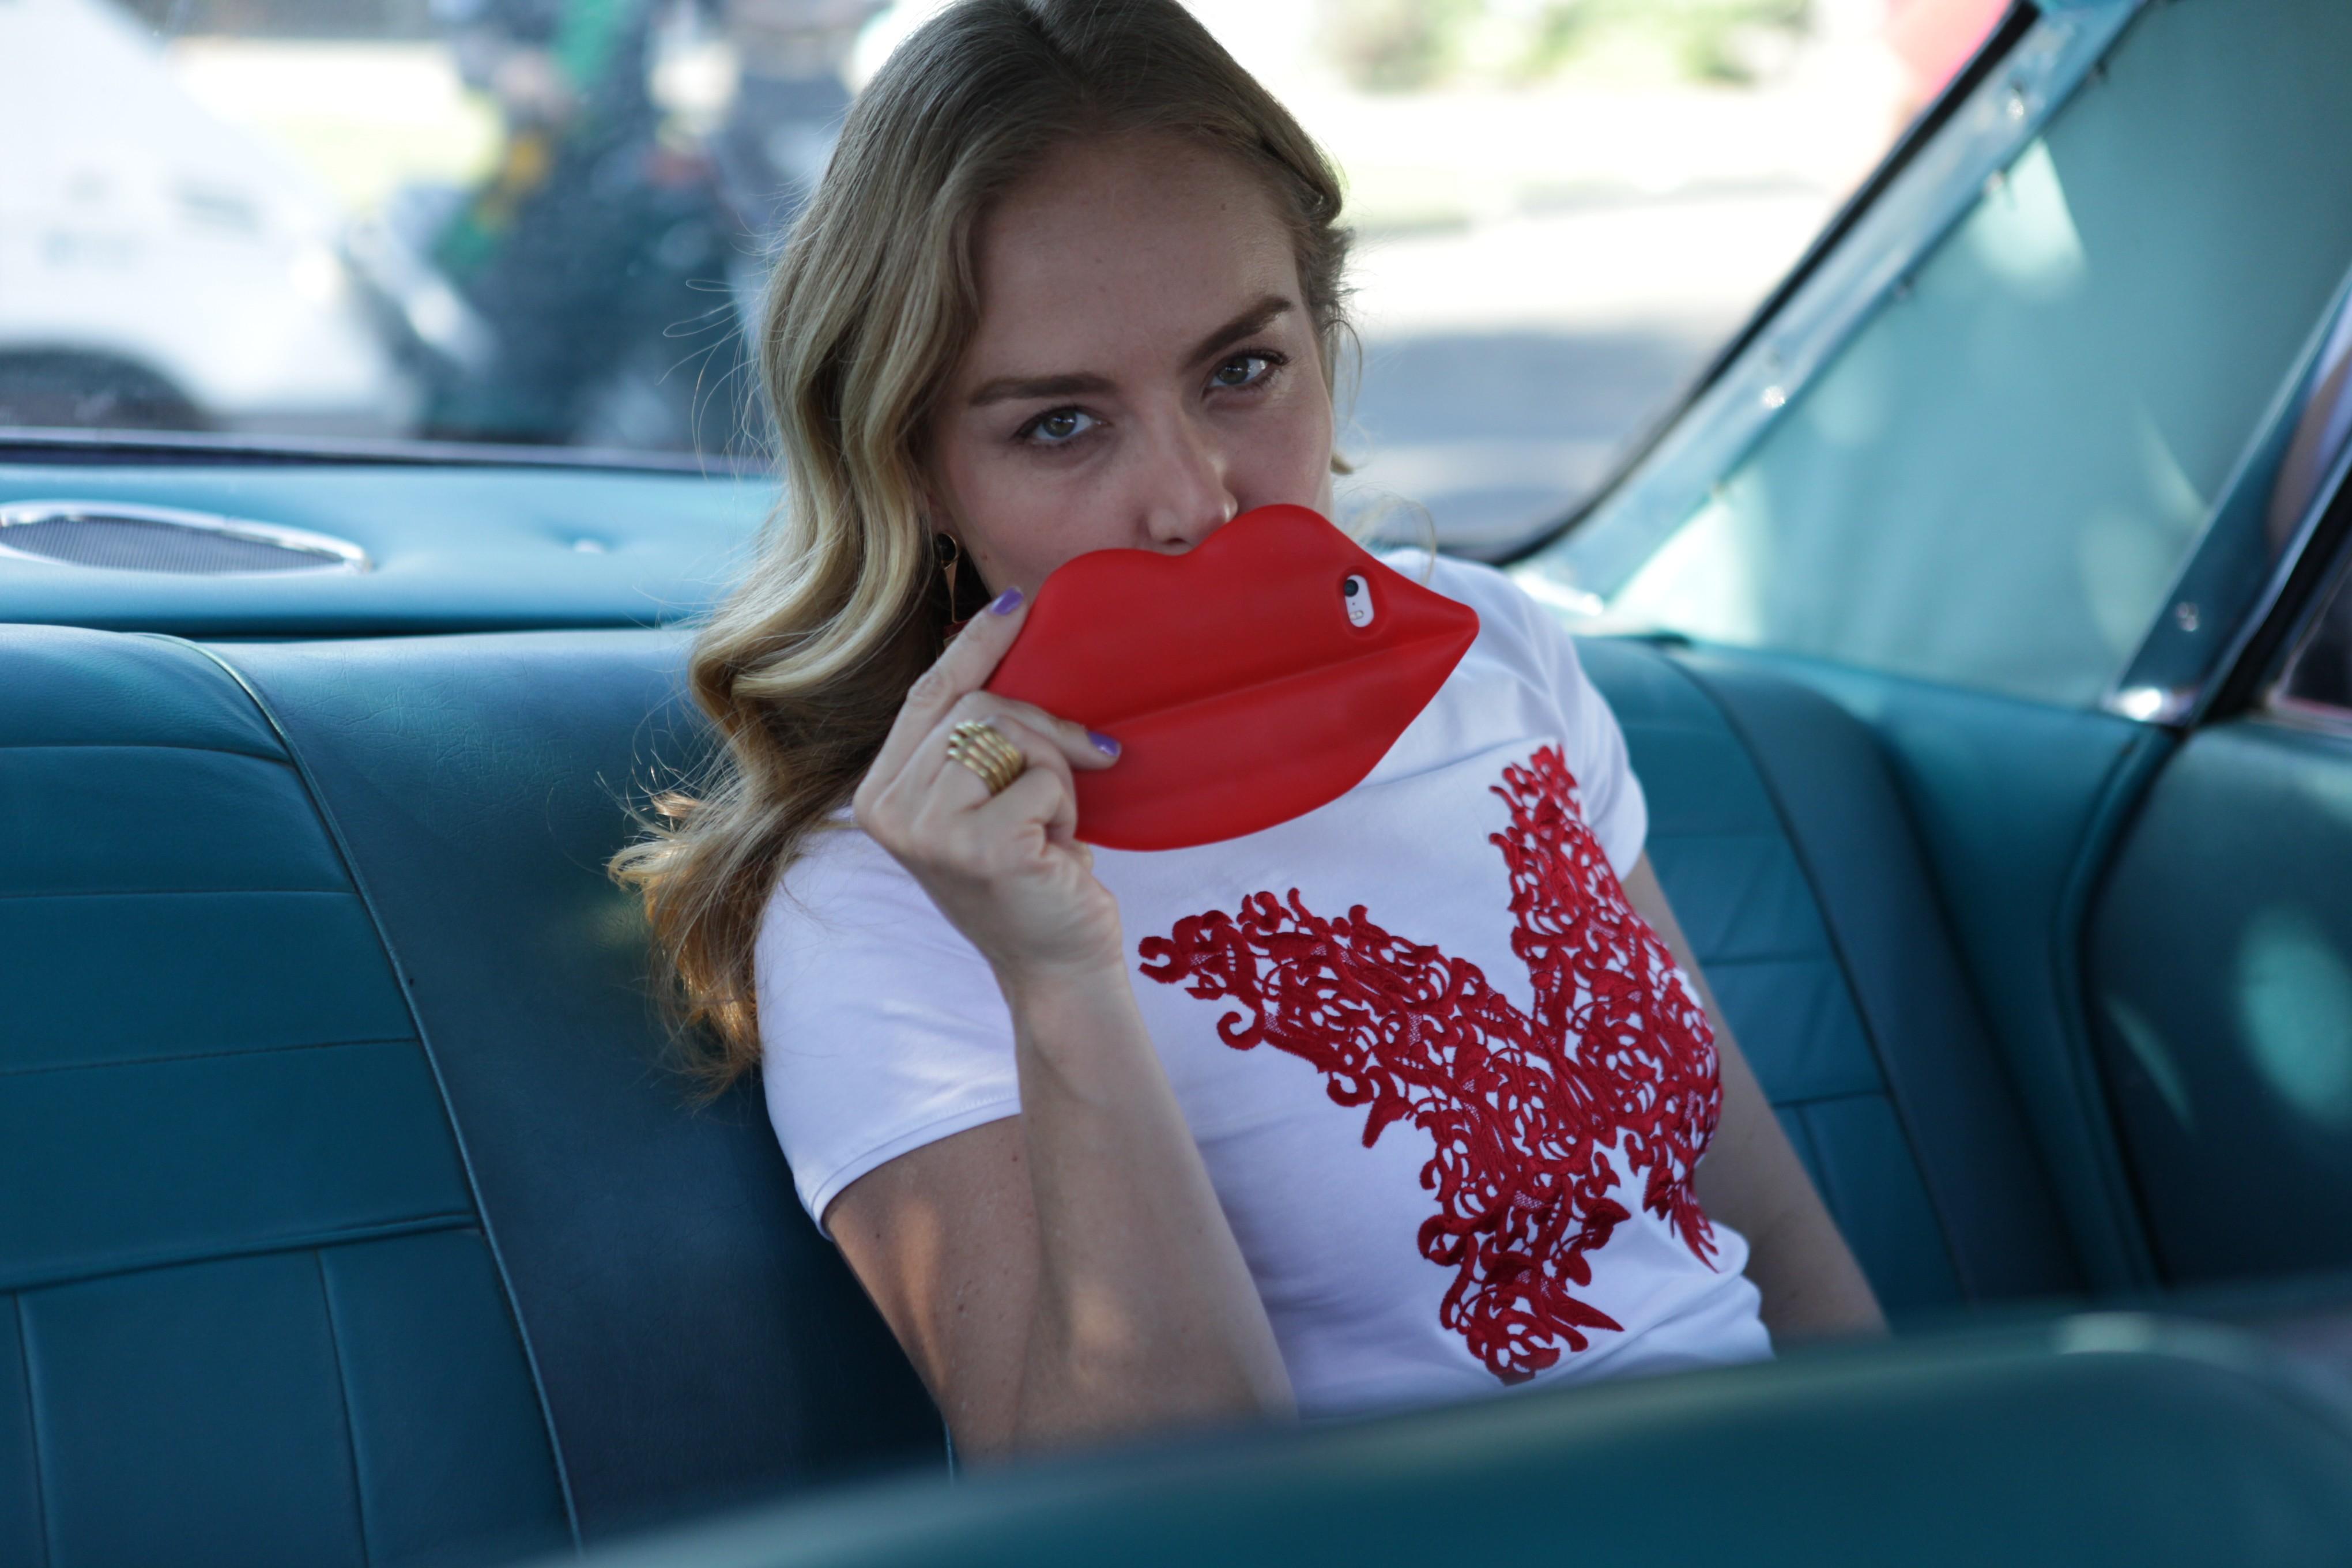 Angélica faz pose com a capa de celular em formato de boca (Foto: Estrelas/TV Globo)